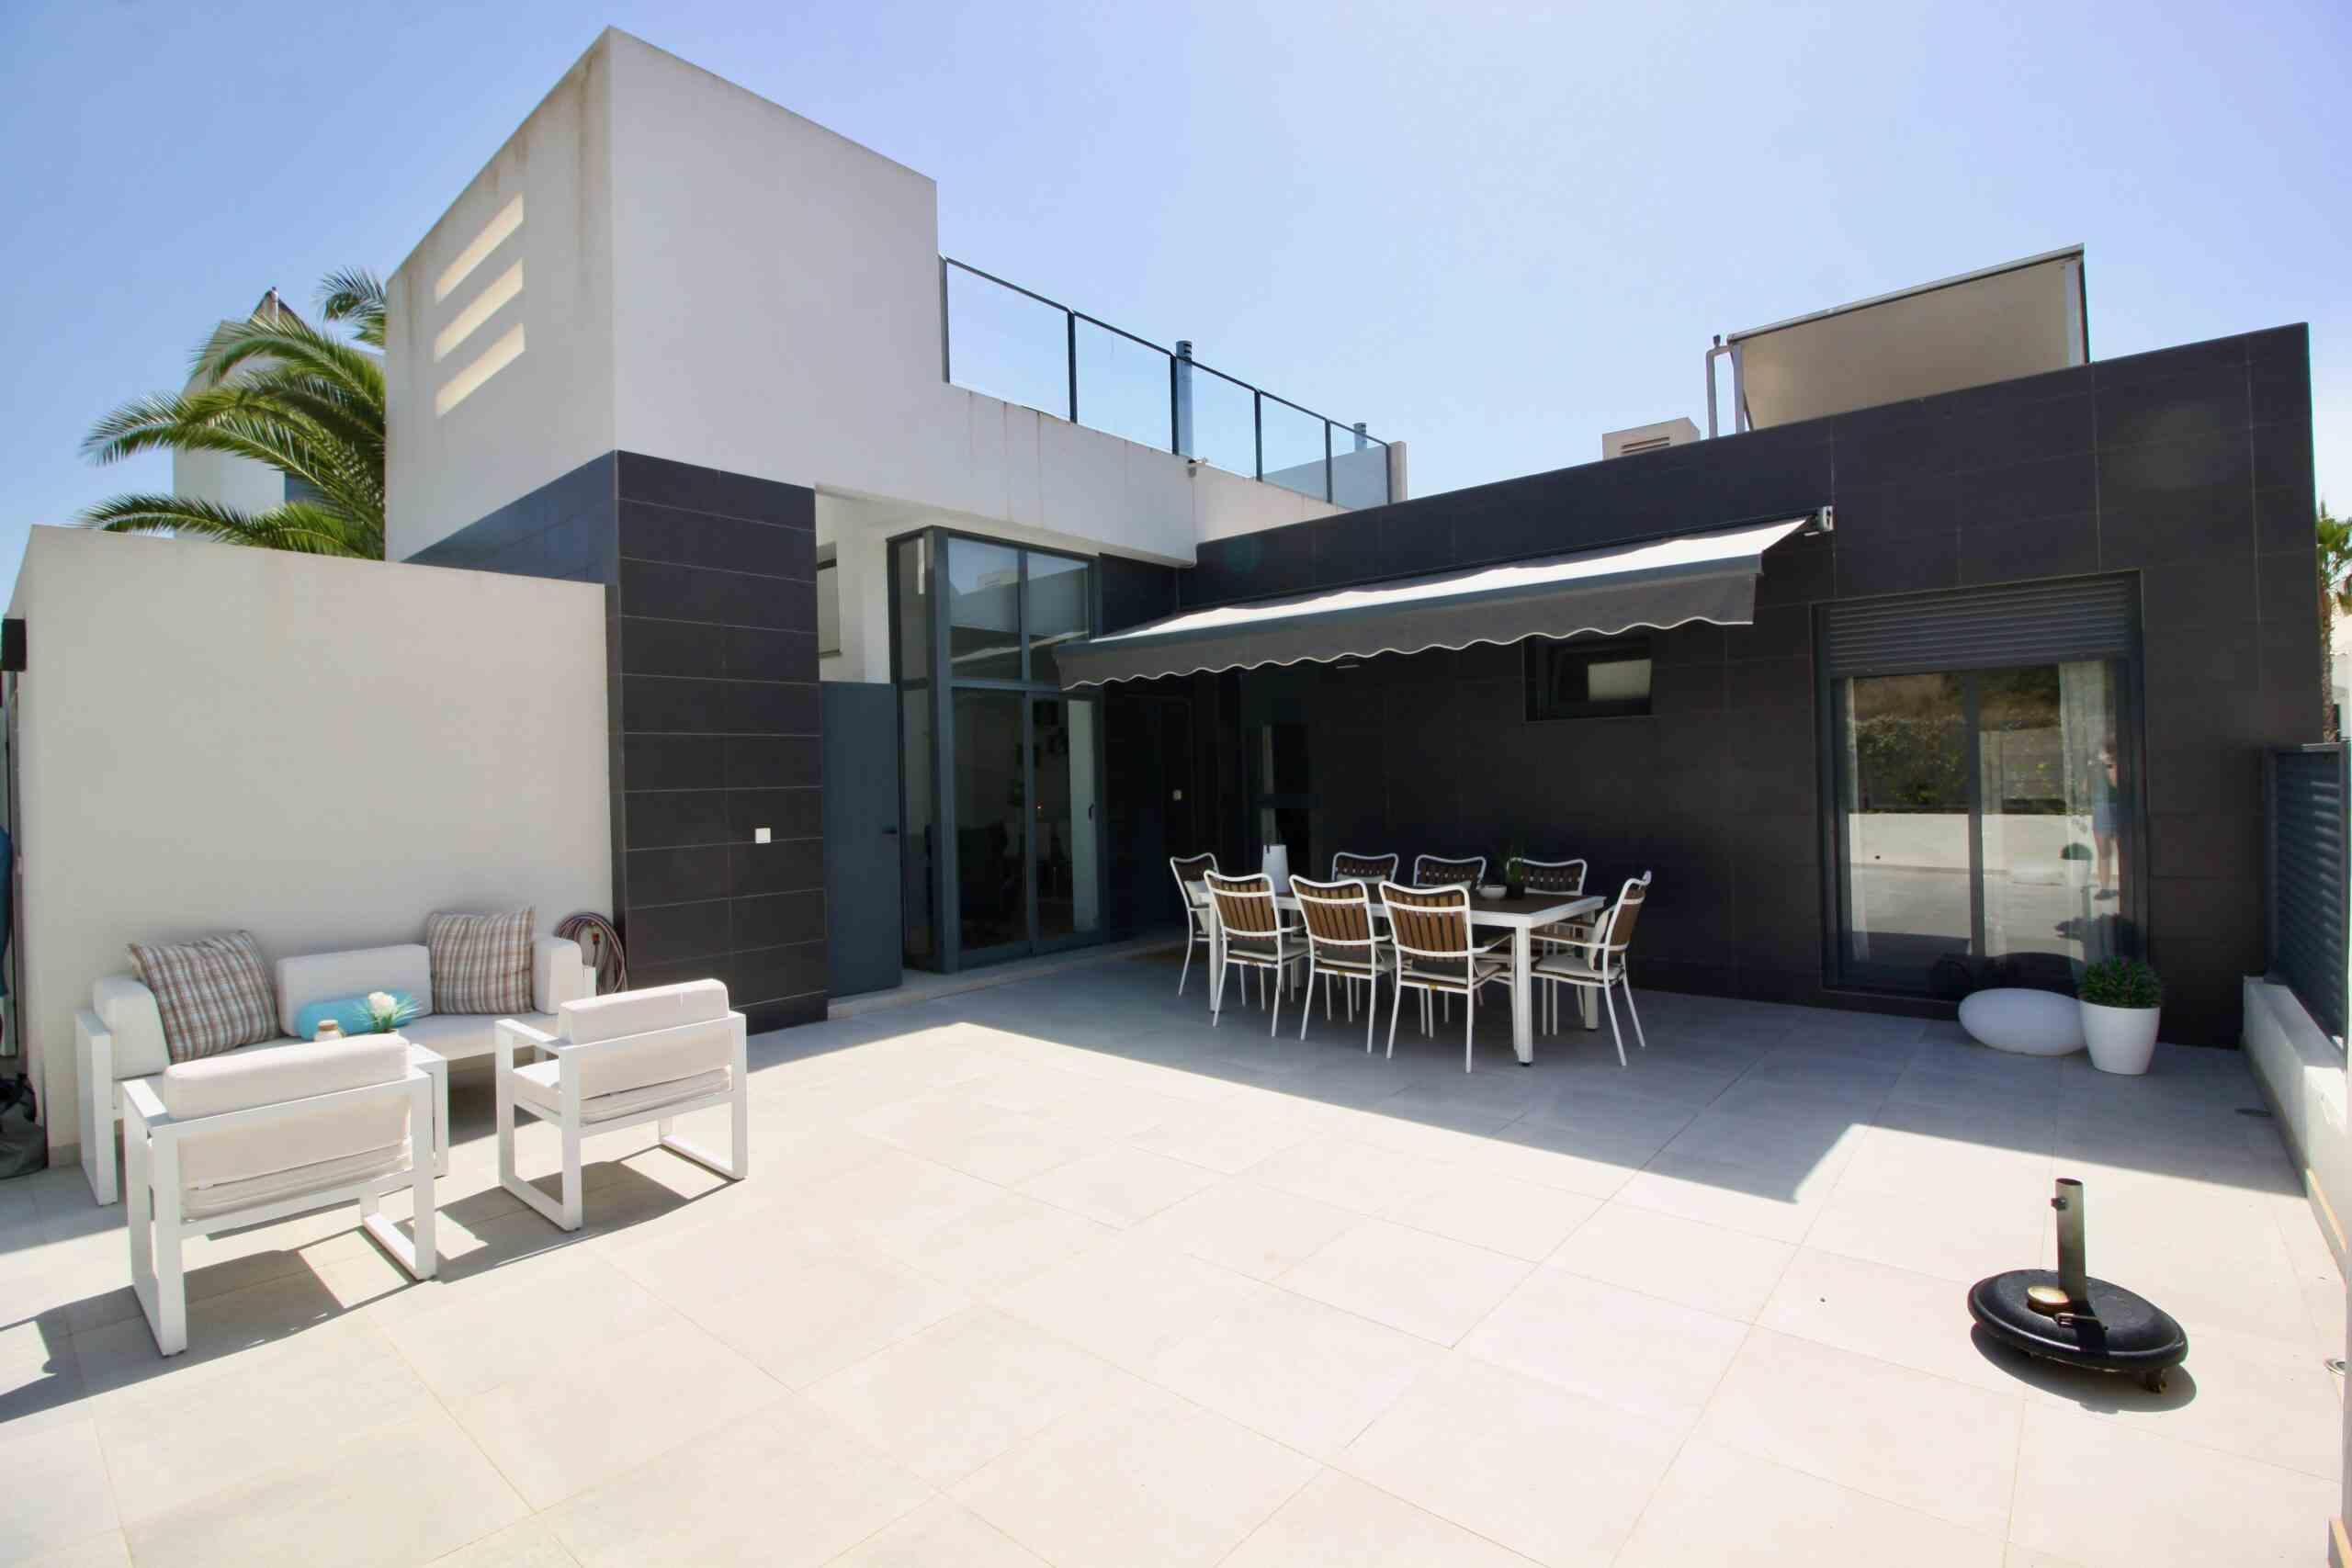 Ref:PIP243 Semi detached For Sale in Villamartin